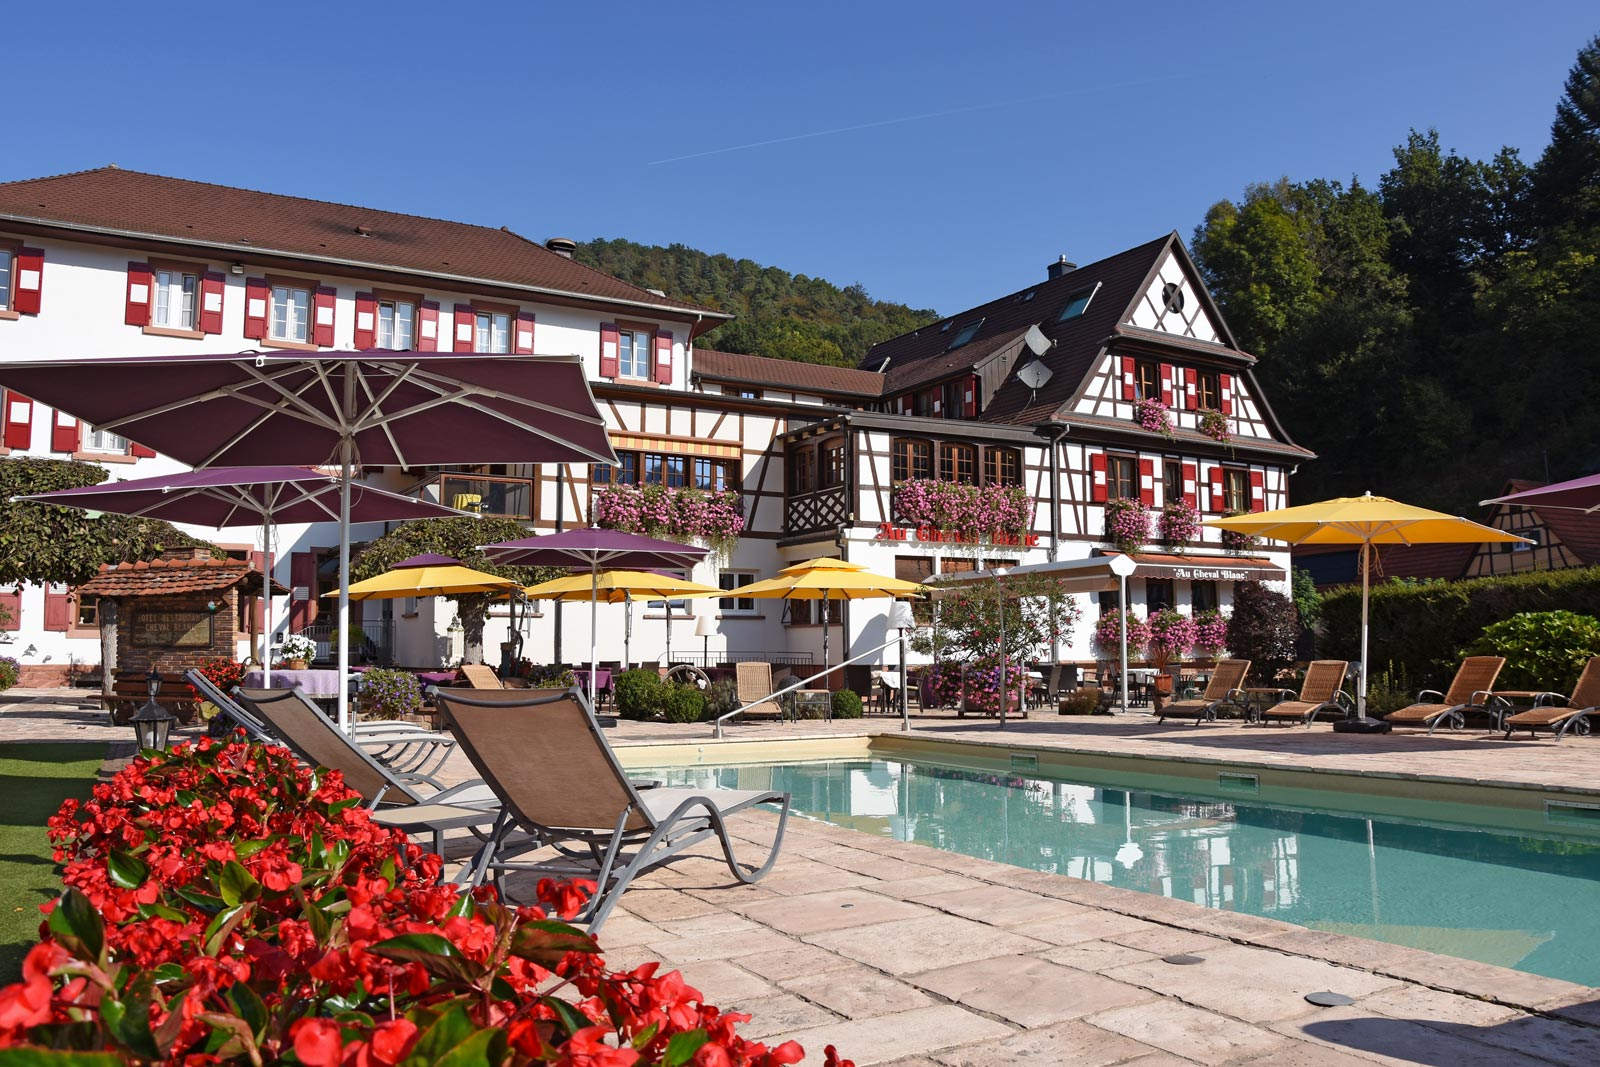 Restaurant Au Cheval Blanc, Niedersteinbach, Alsace